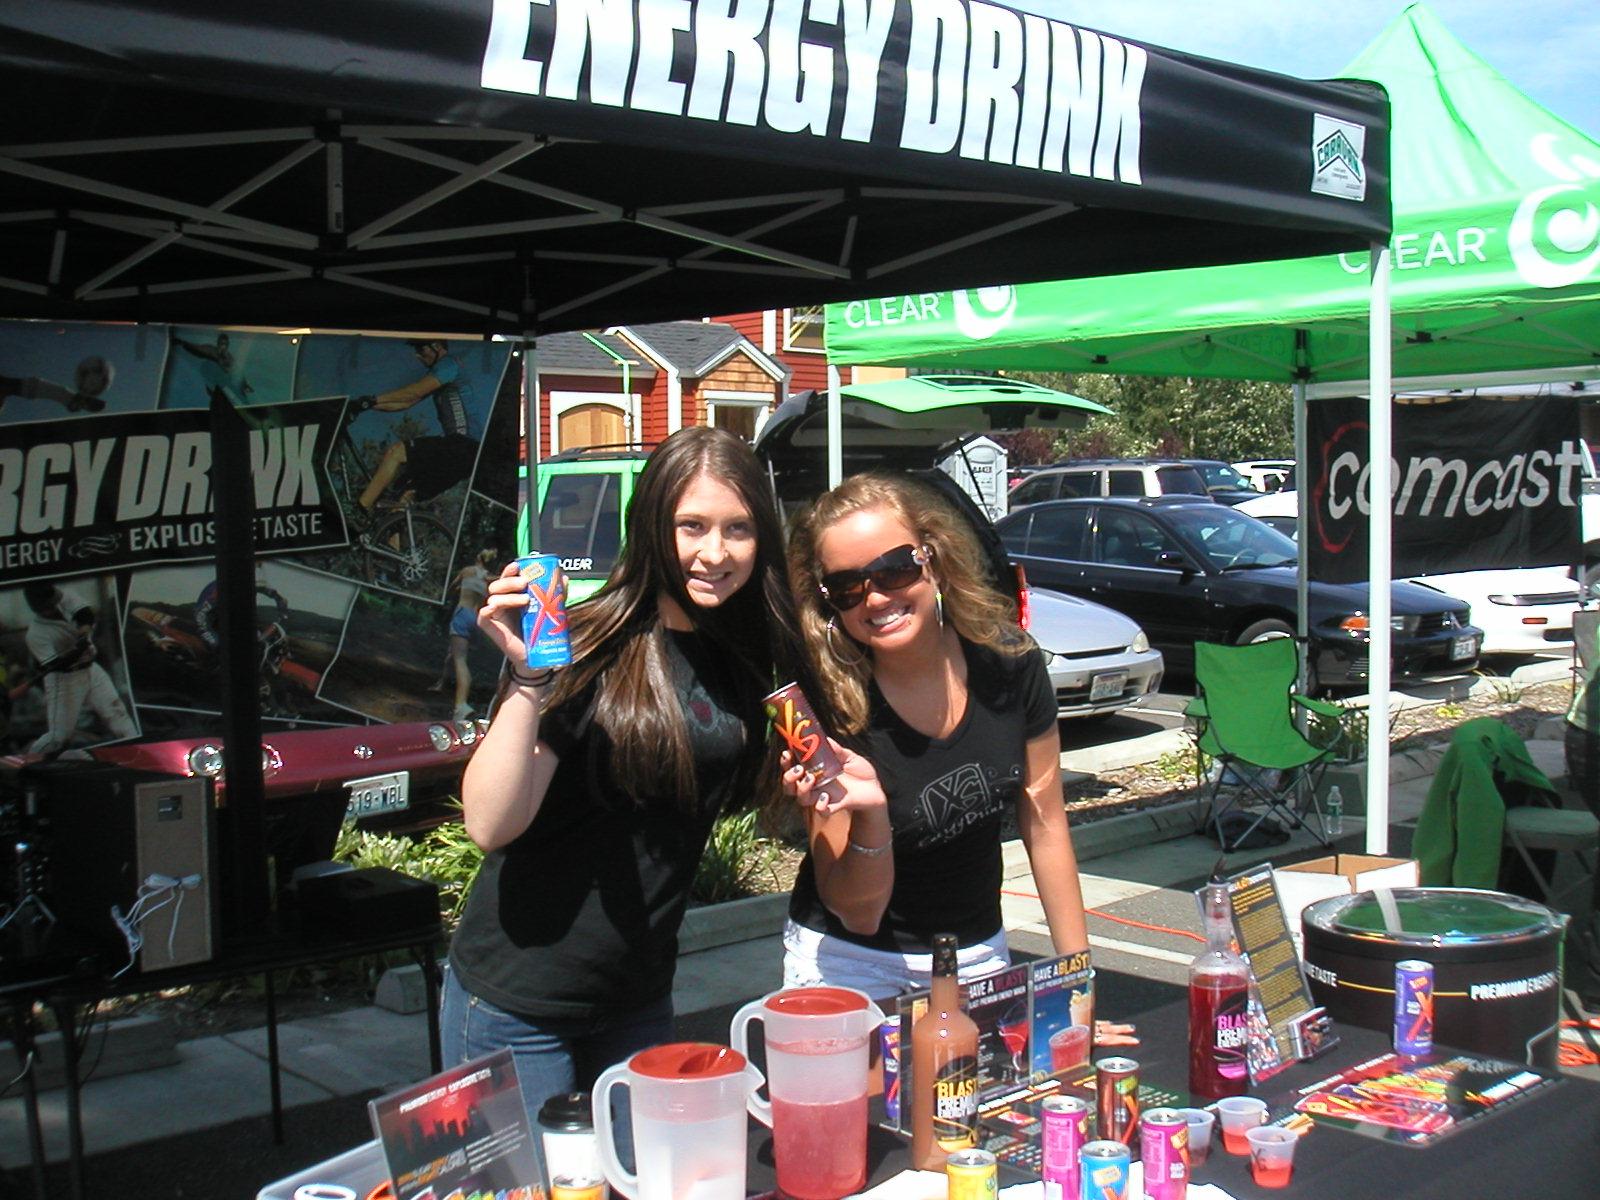 http://2.bp.blogspot.com/-ttckqeDCrKQ/Tq7Sv-5yleI/AAAAAAAAAEM/ay-PCGumiyM/s1600/ghoul%2BXS-Energy-Drink-Event-Booth-86.jpg